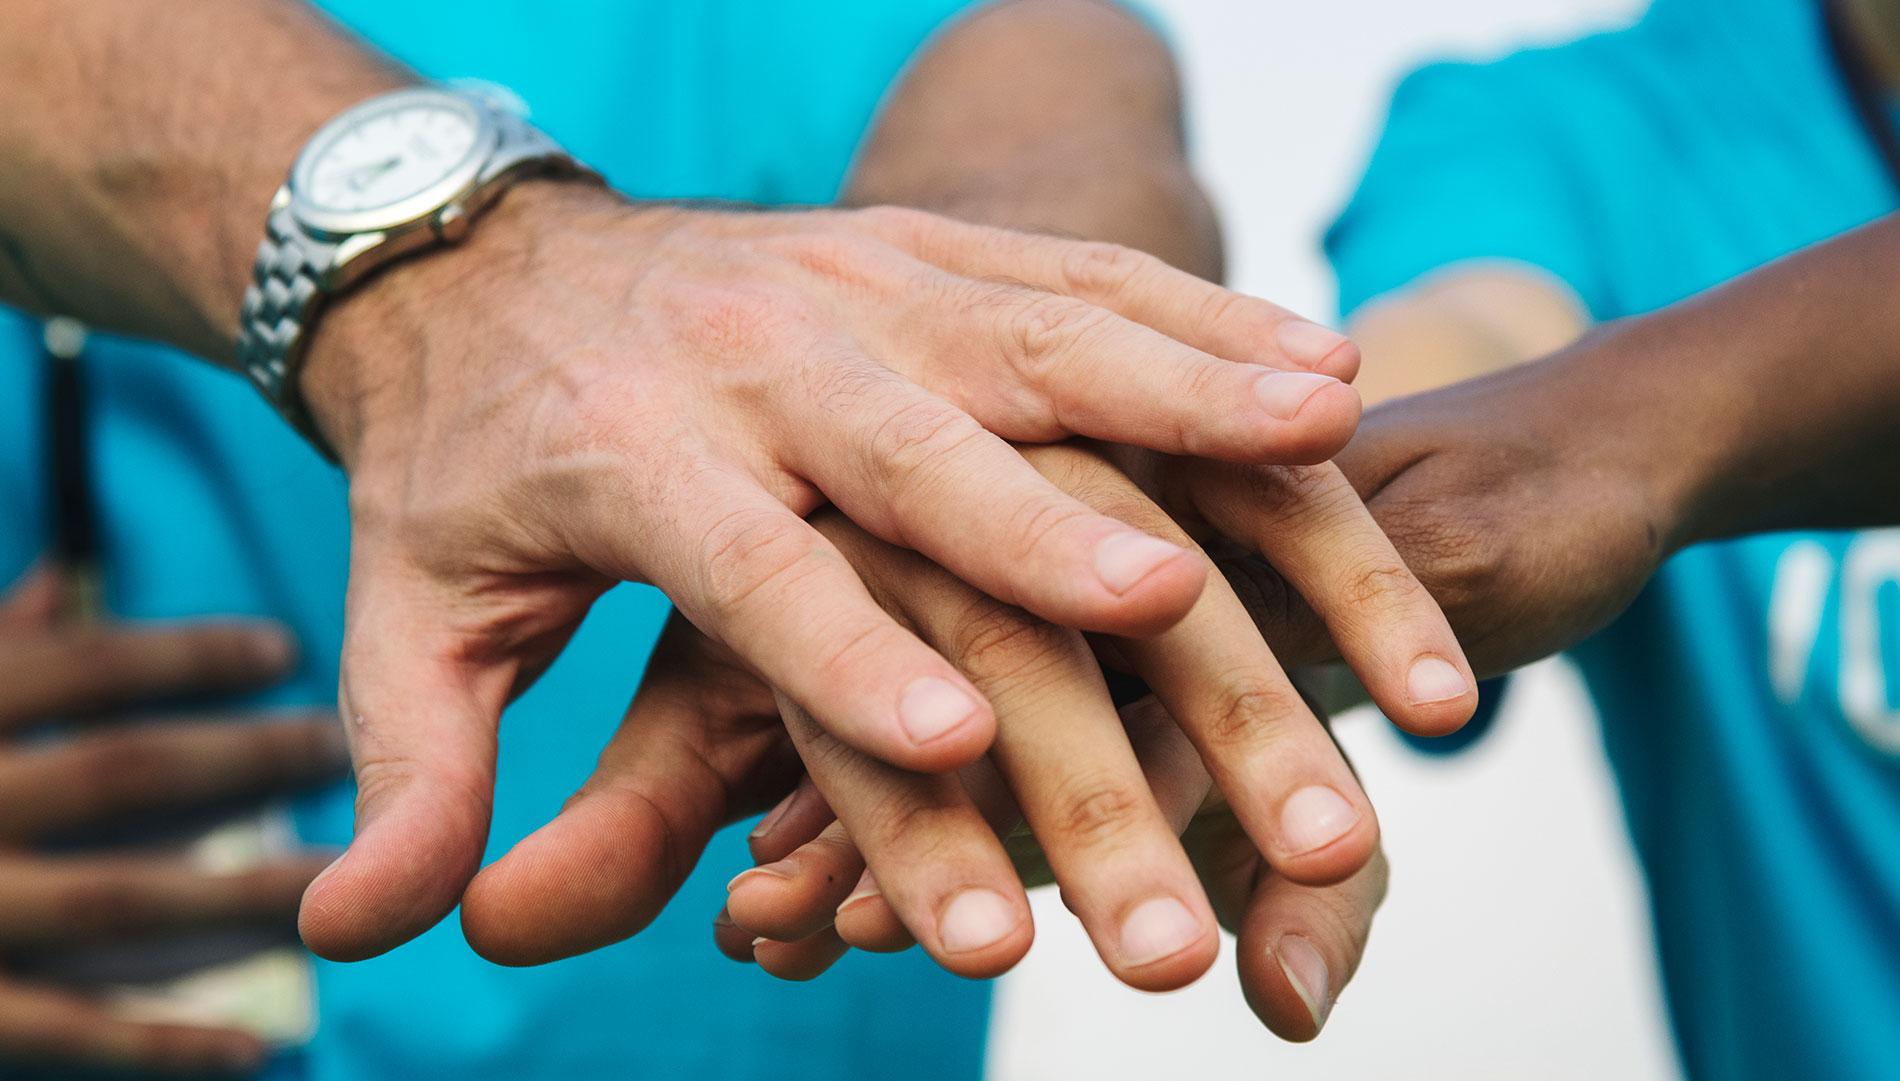 Somos el área de Fundación Paréntesis especializada en la implementación de programas de prevención, asesoría, capacitación y asistencia clínica.